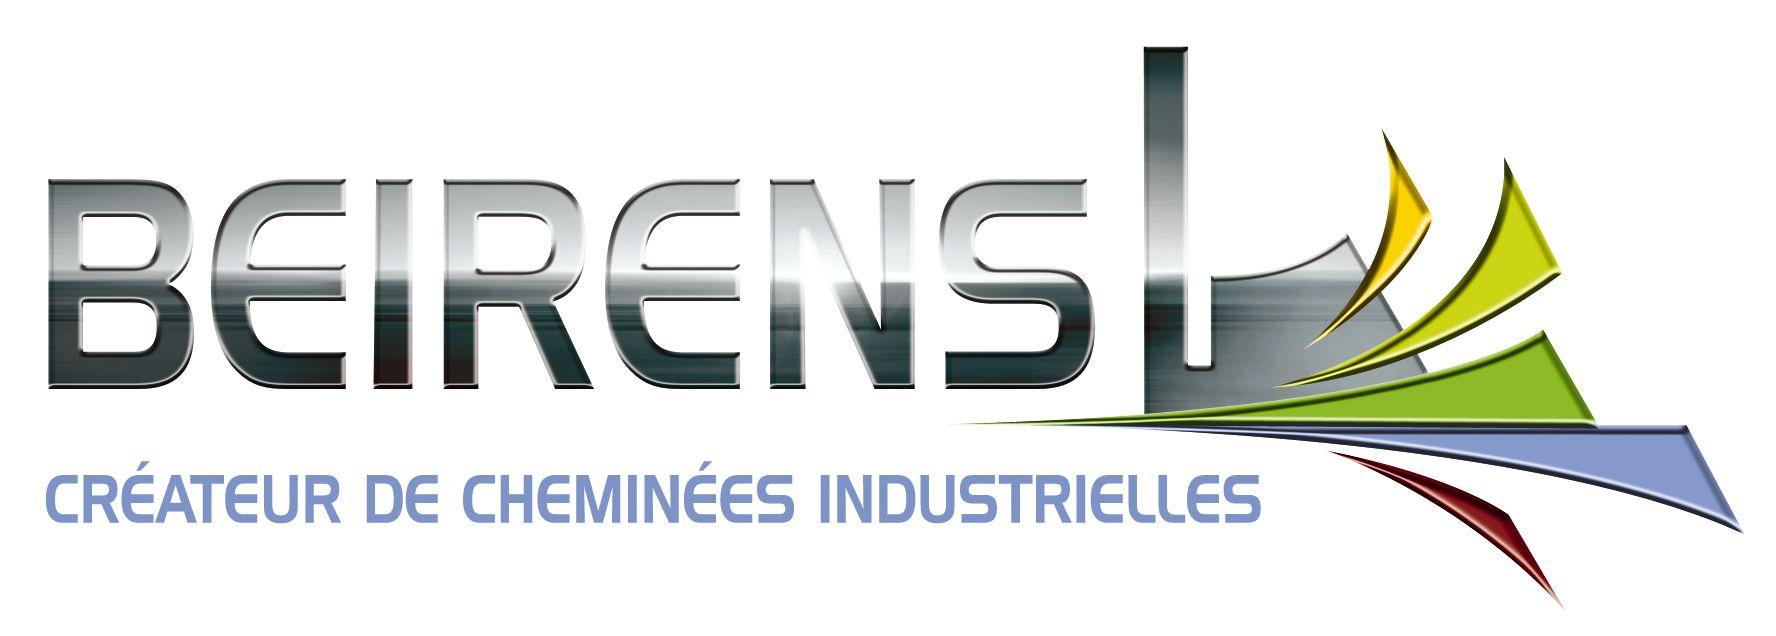 RT 36 : CONFERENCE SUR LES RÈGLES ICPE DES CHAUFFERIES + VISITE DU SITE DE PRODUCTION DES CHEMINEES DE GRANDE  HAUTEUR DE LA SOCIETE BEIRENS (GROUPE POUJOULAT)